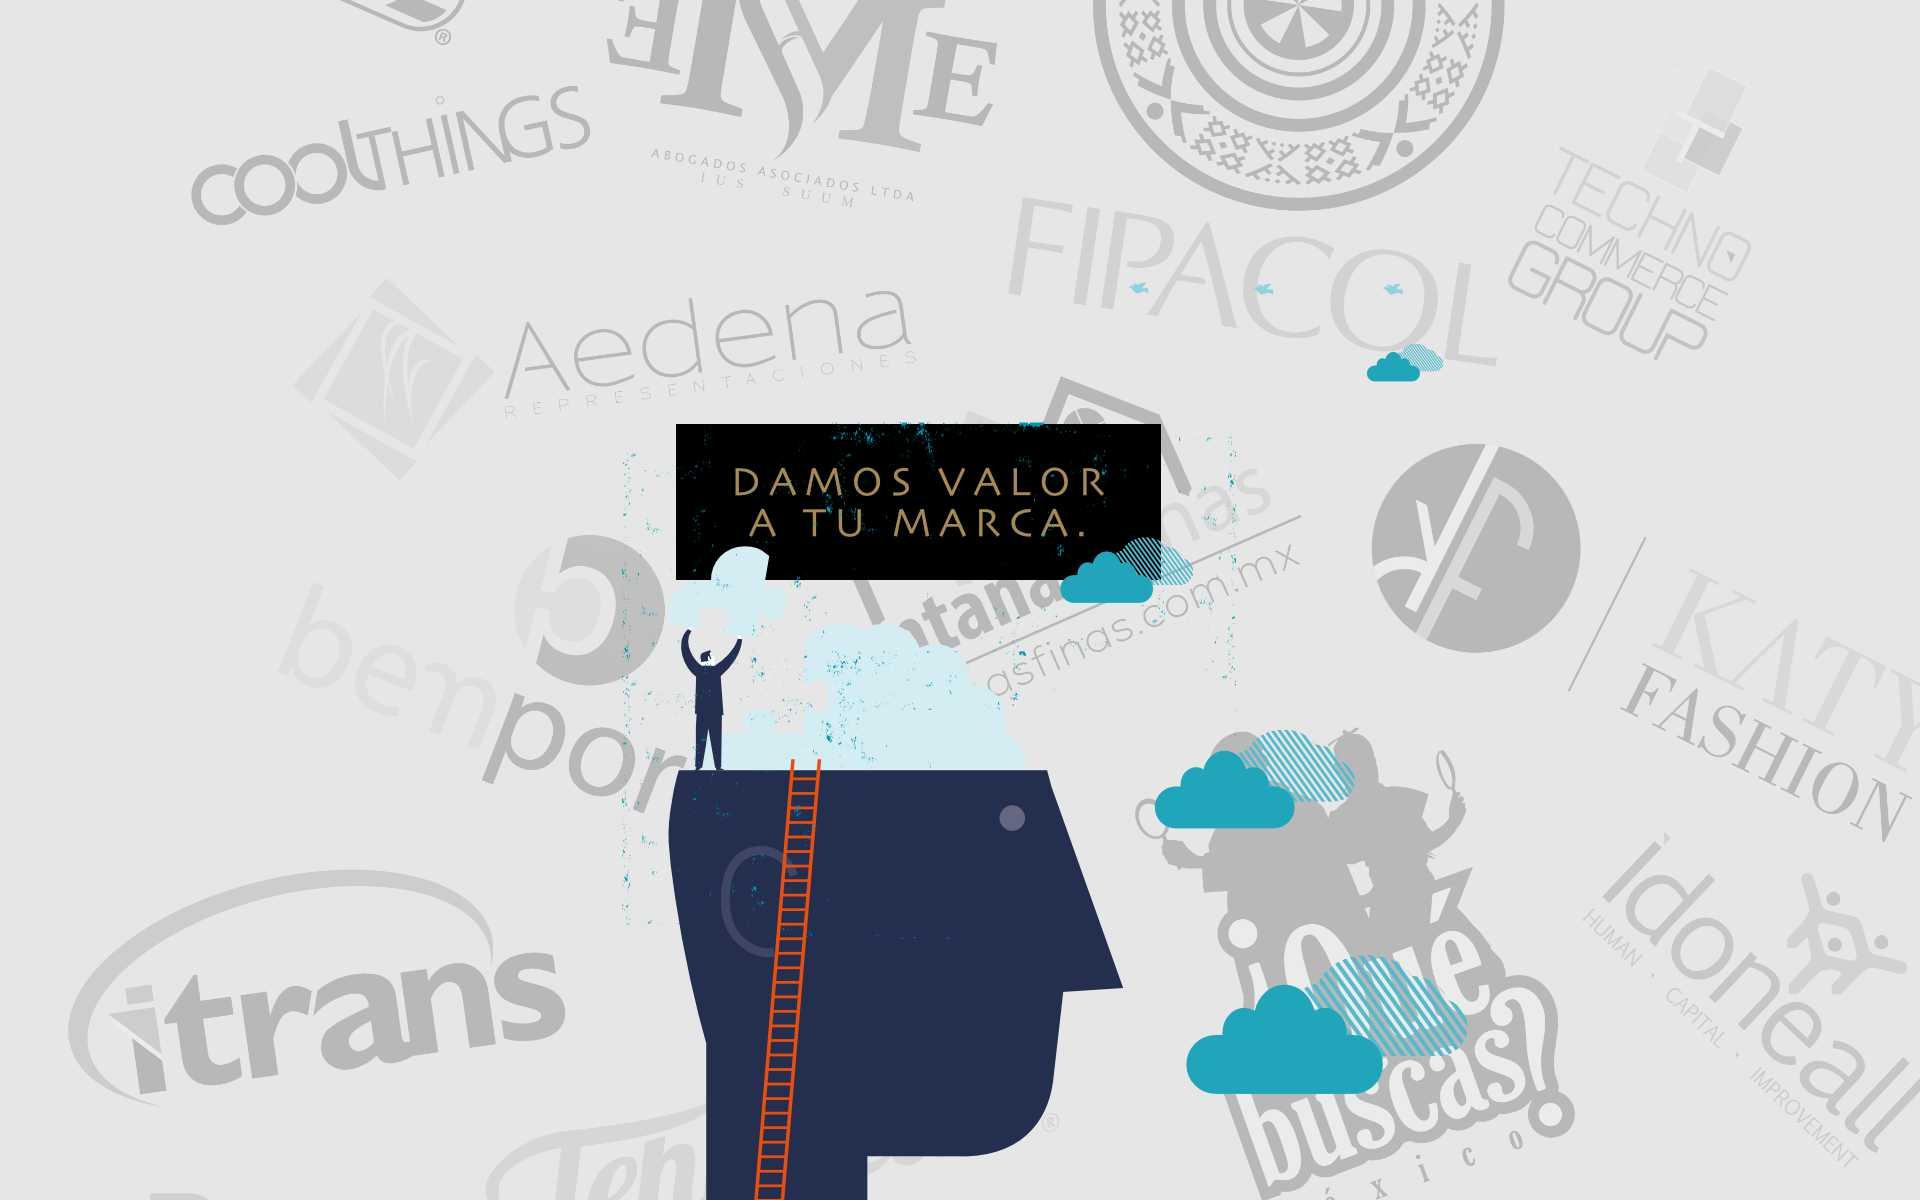 Damos valor a las marcas: Idennto™